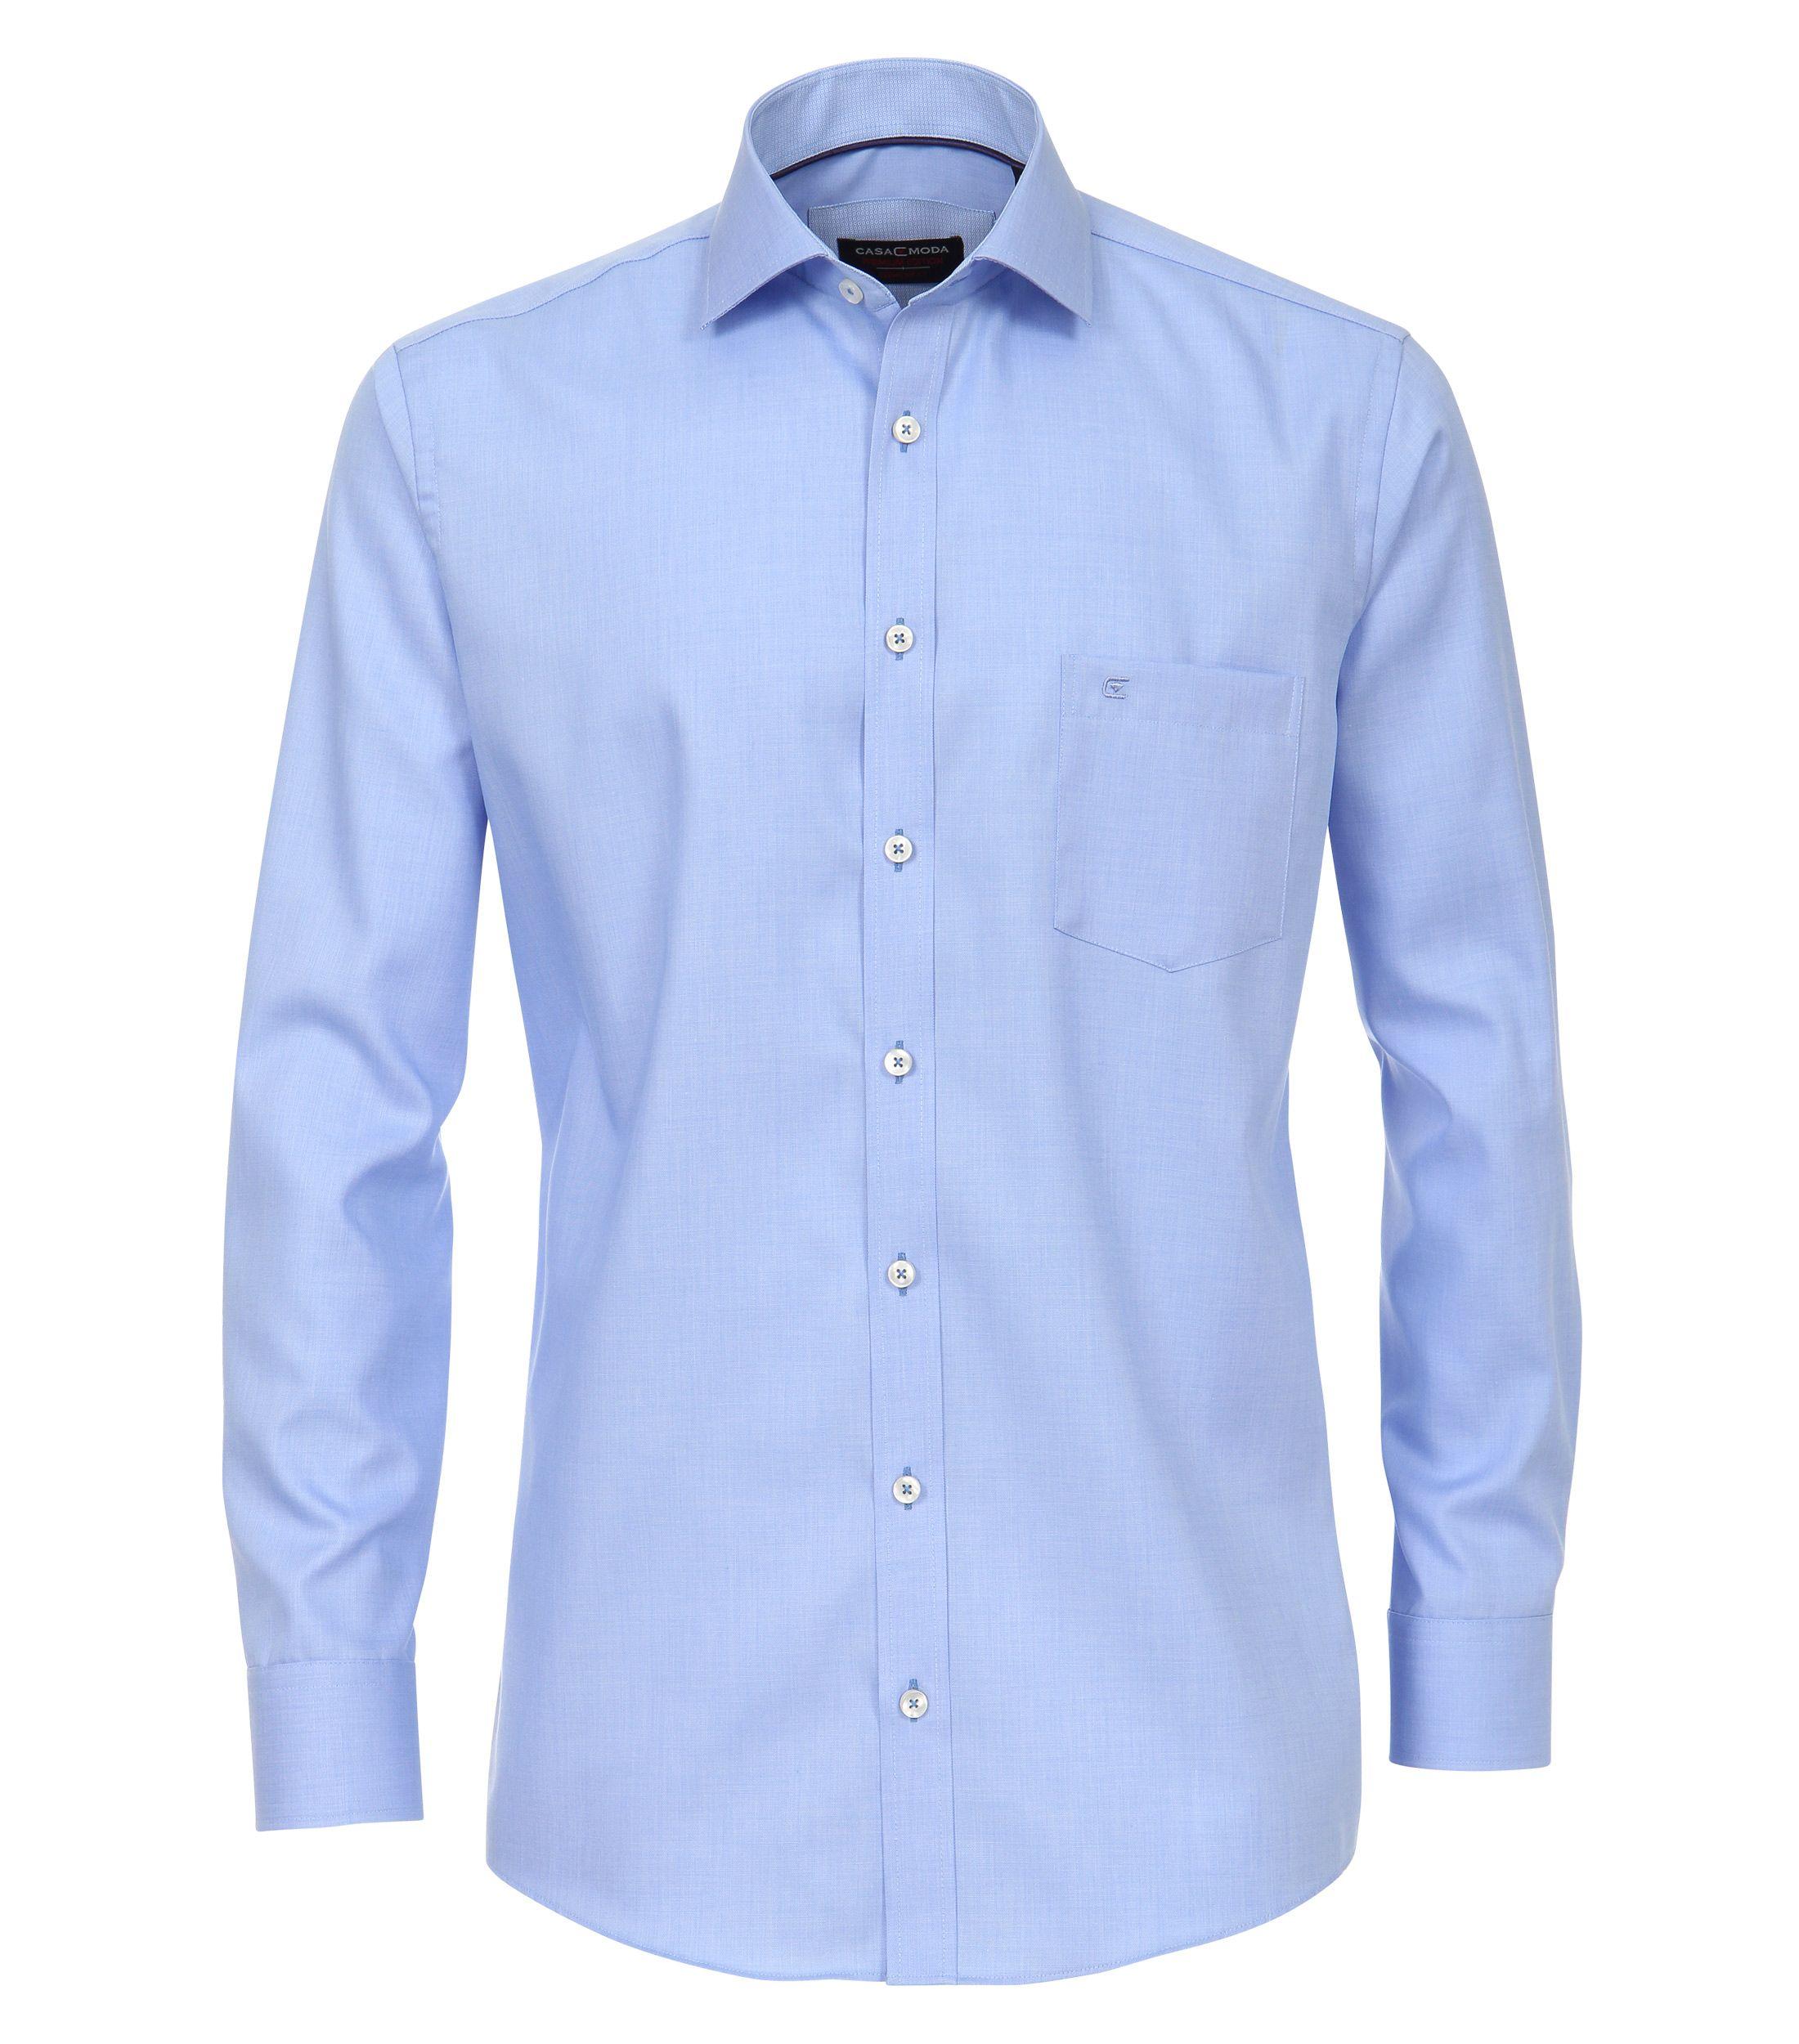 Het Overhemd.Strijkvrij Lange Mouw Overhemd Gemaakt Van Mini Structuur Stof In De